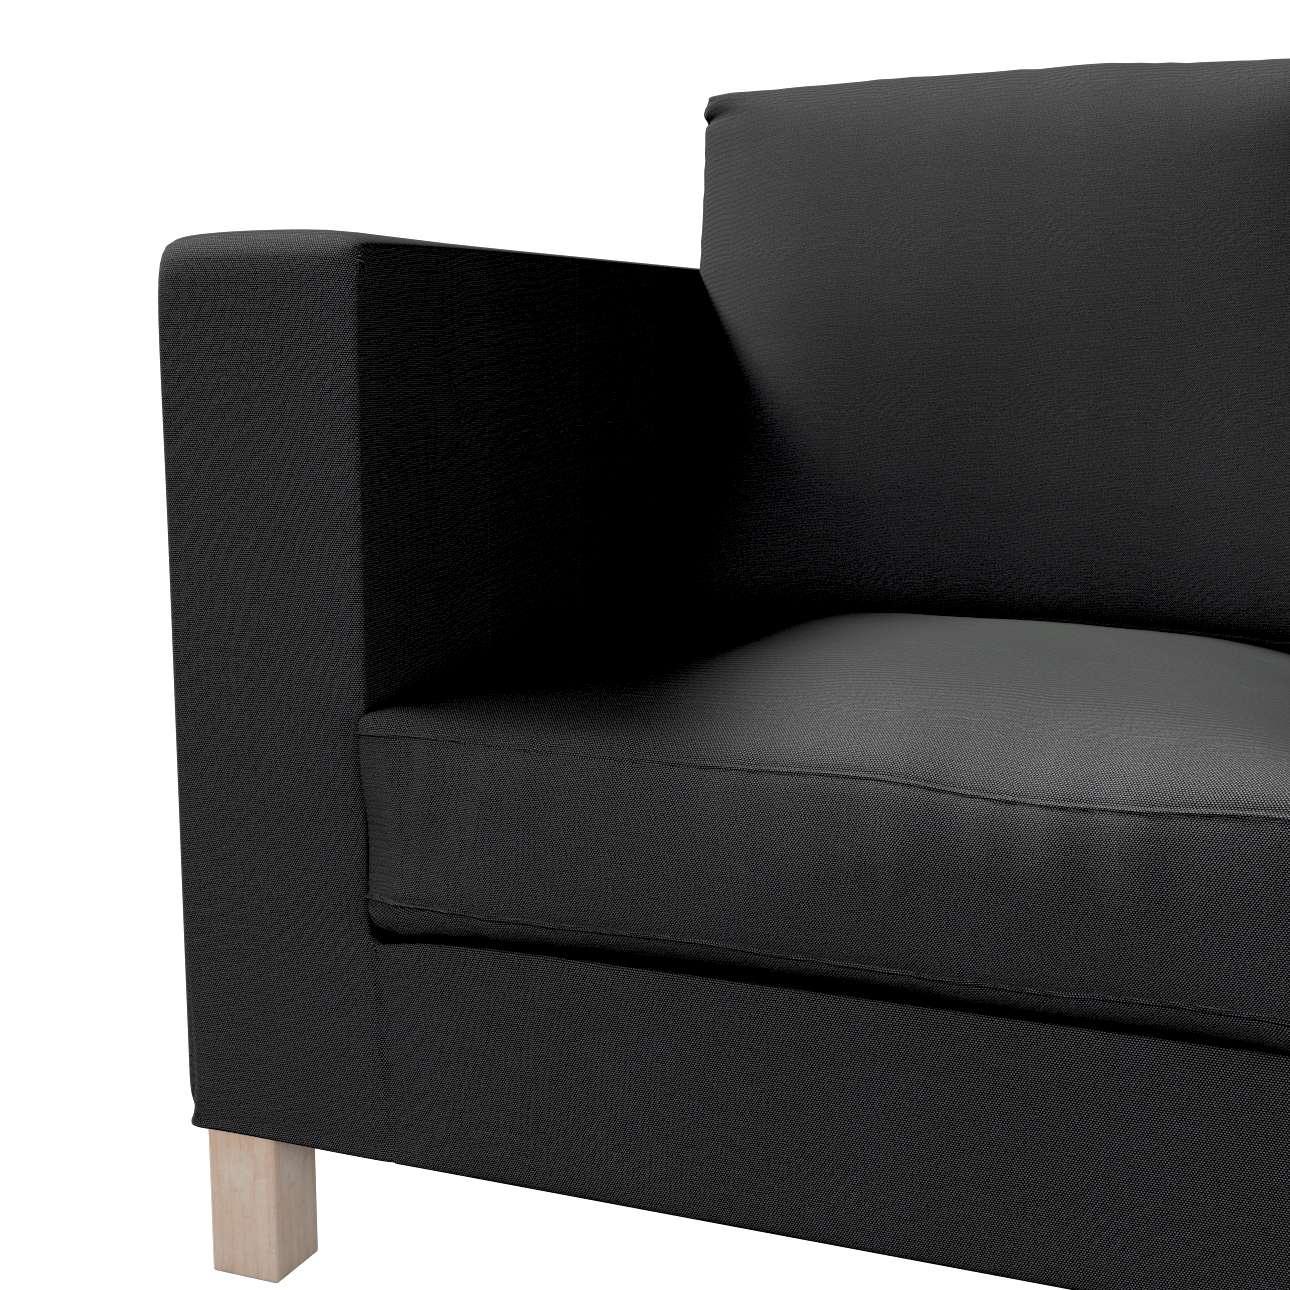 Bezug für Karlanda 3-Sitzer Sofa nicht ausklappbar, kurz von der Kollektion Etna, Stoff: 705-00